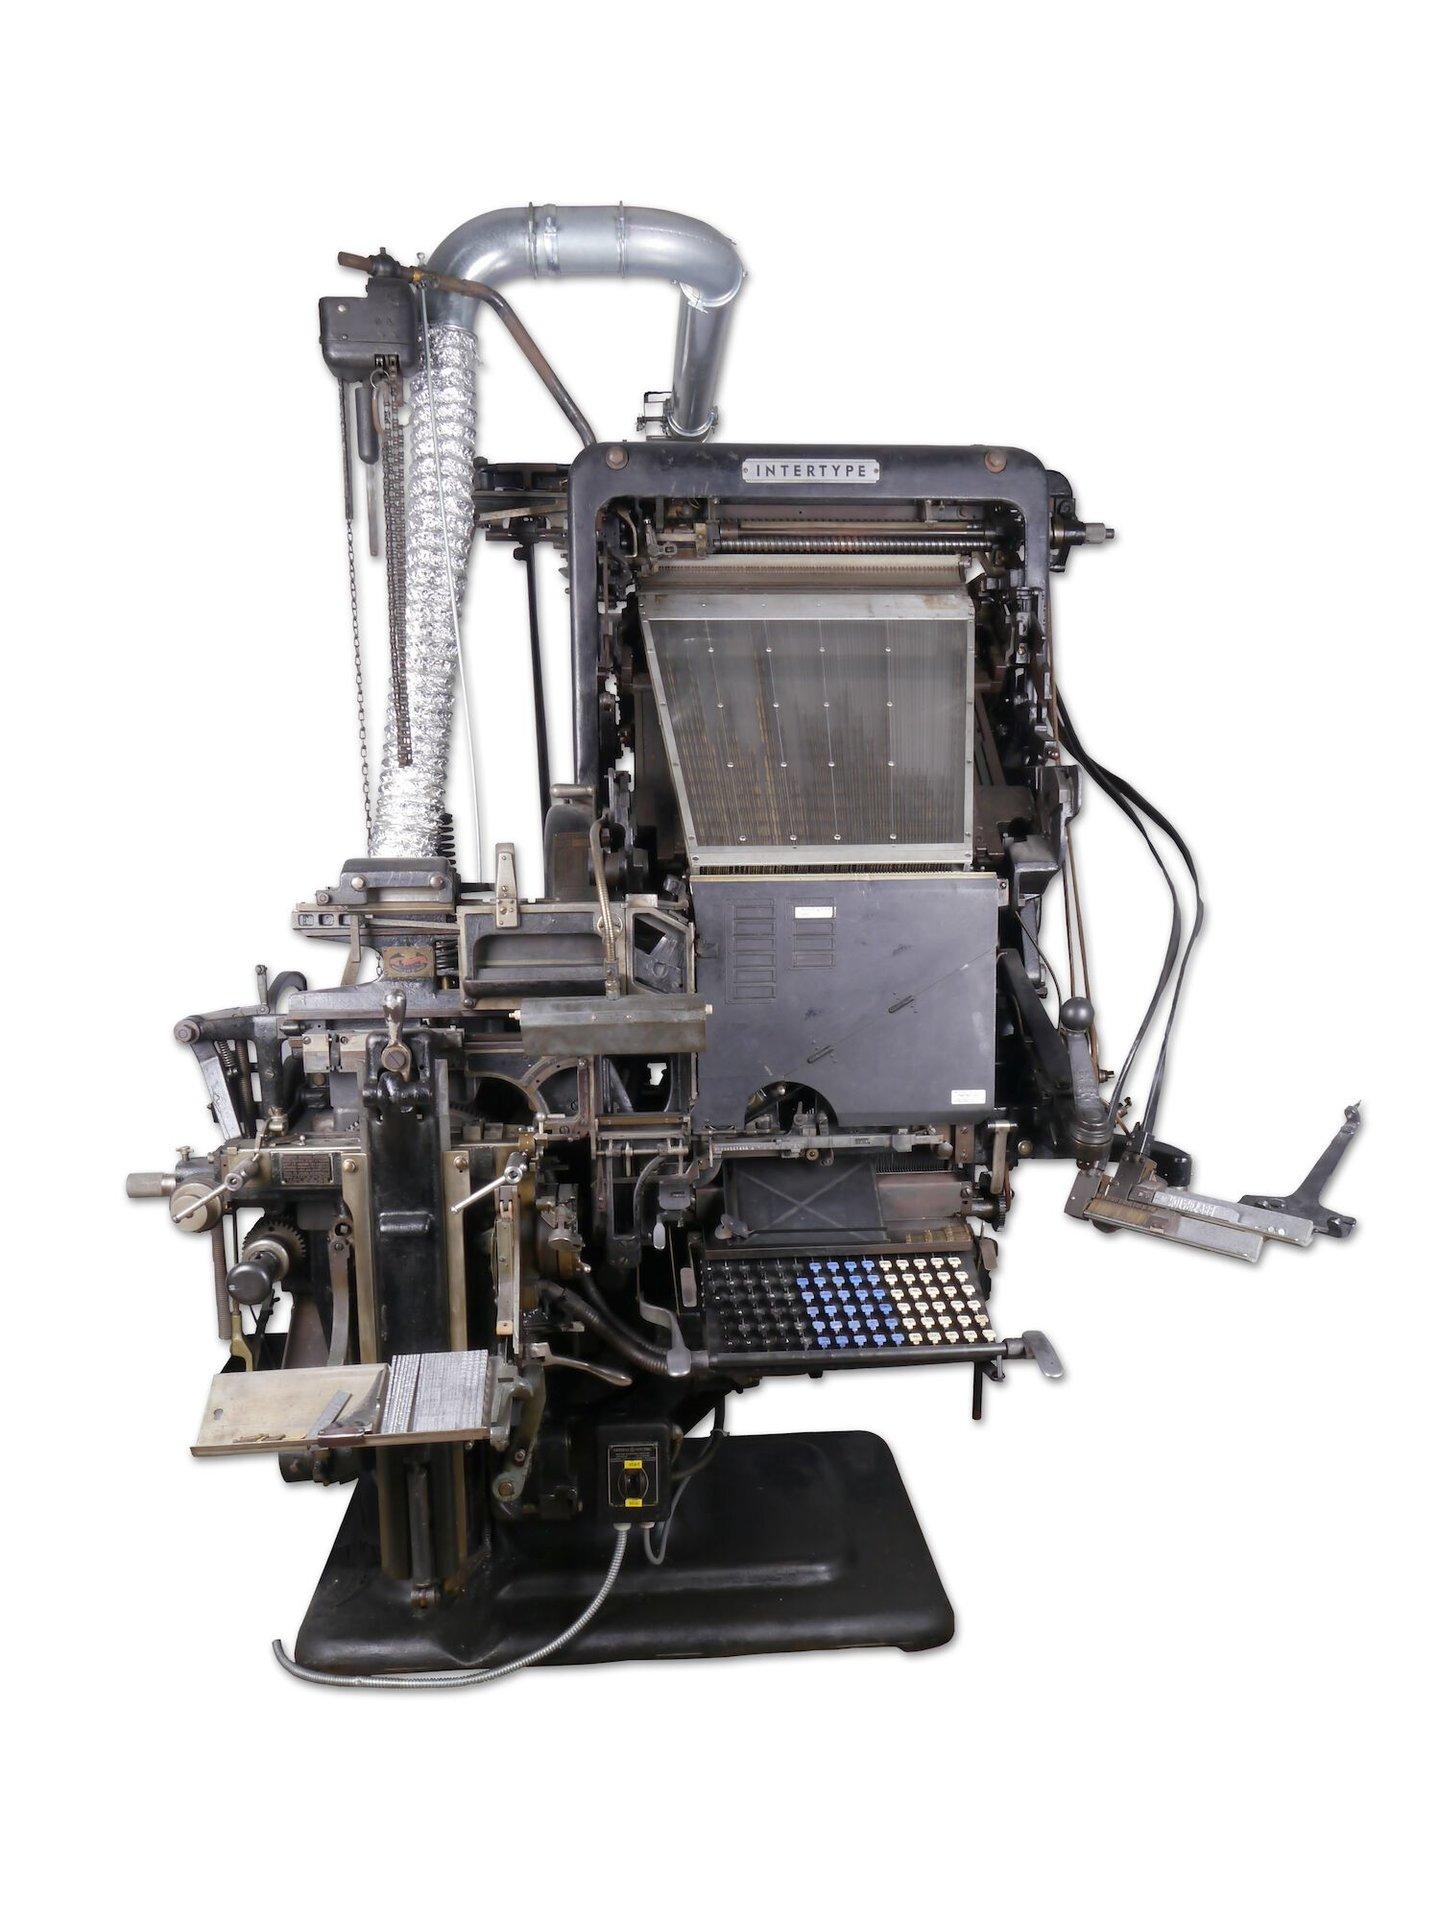 Regelzetmachine van het merk Intertype